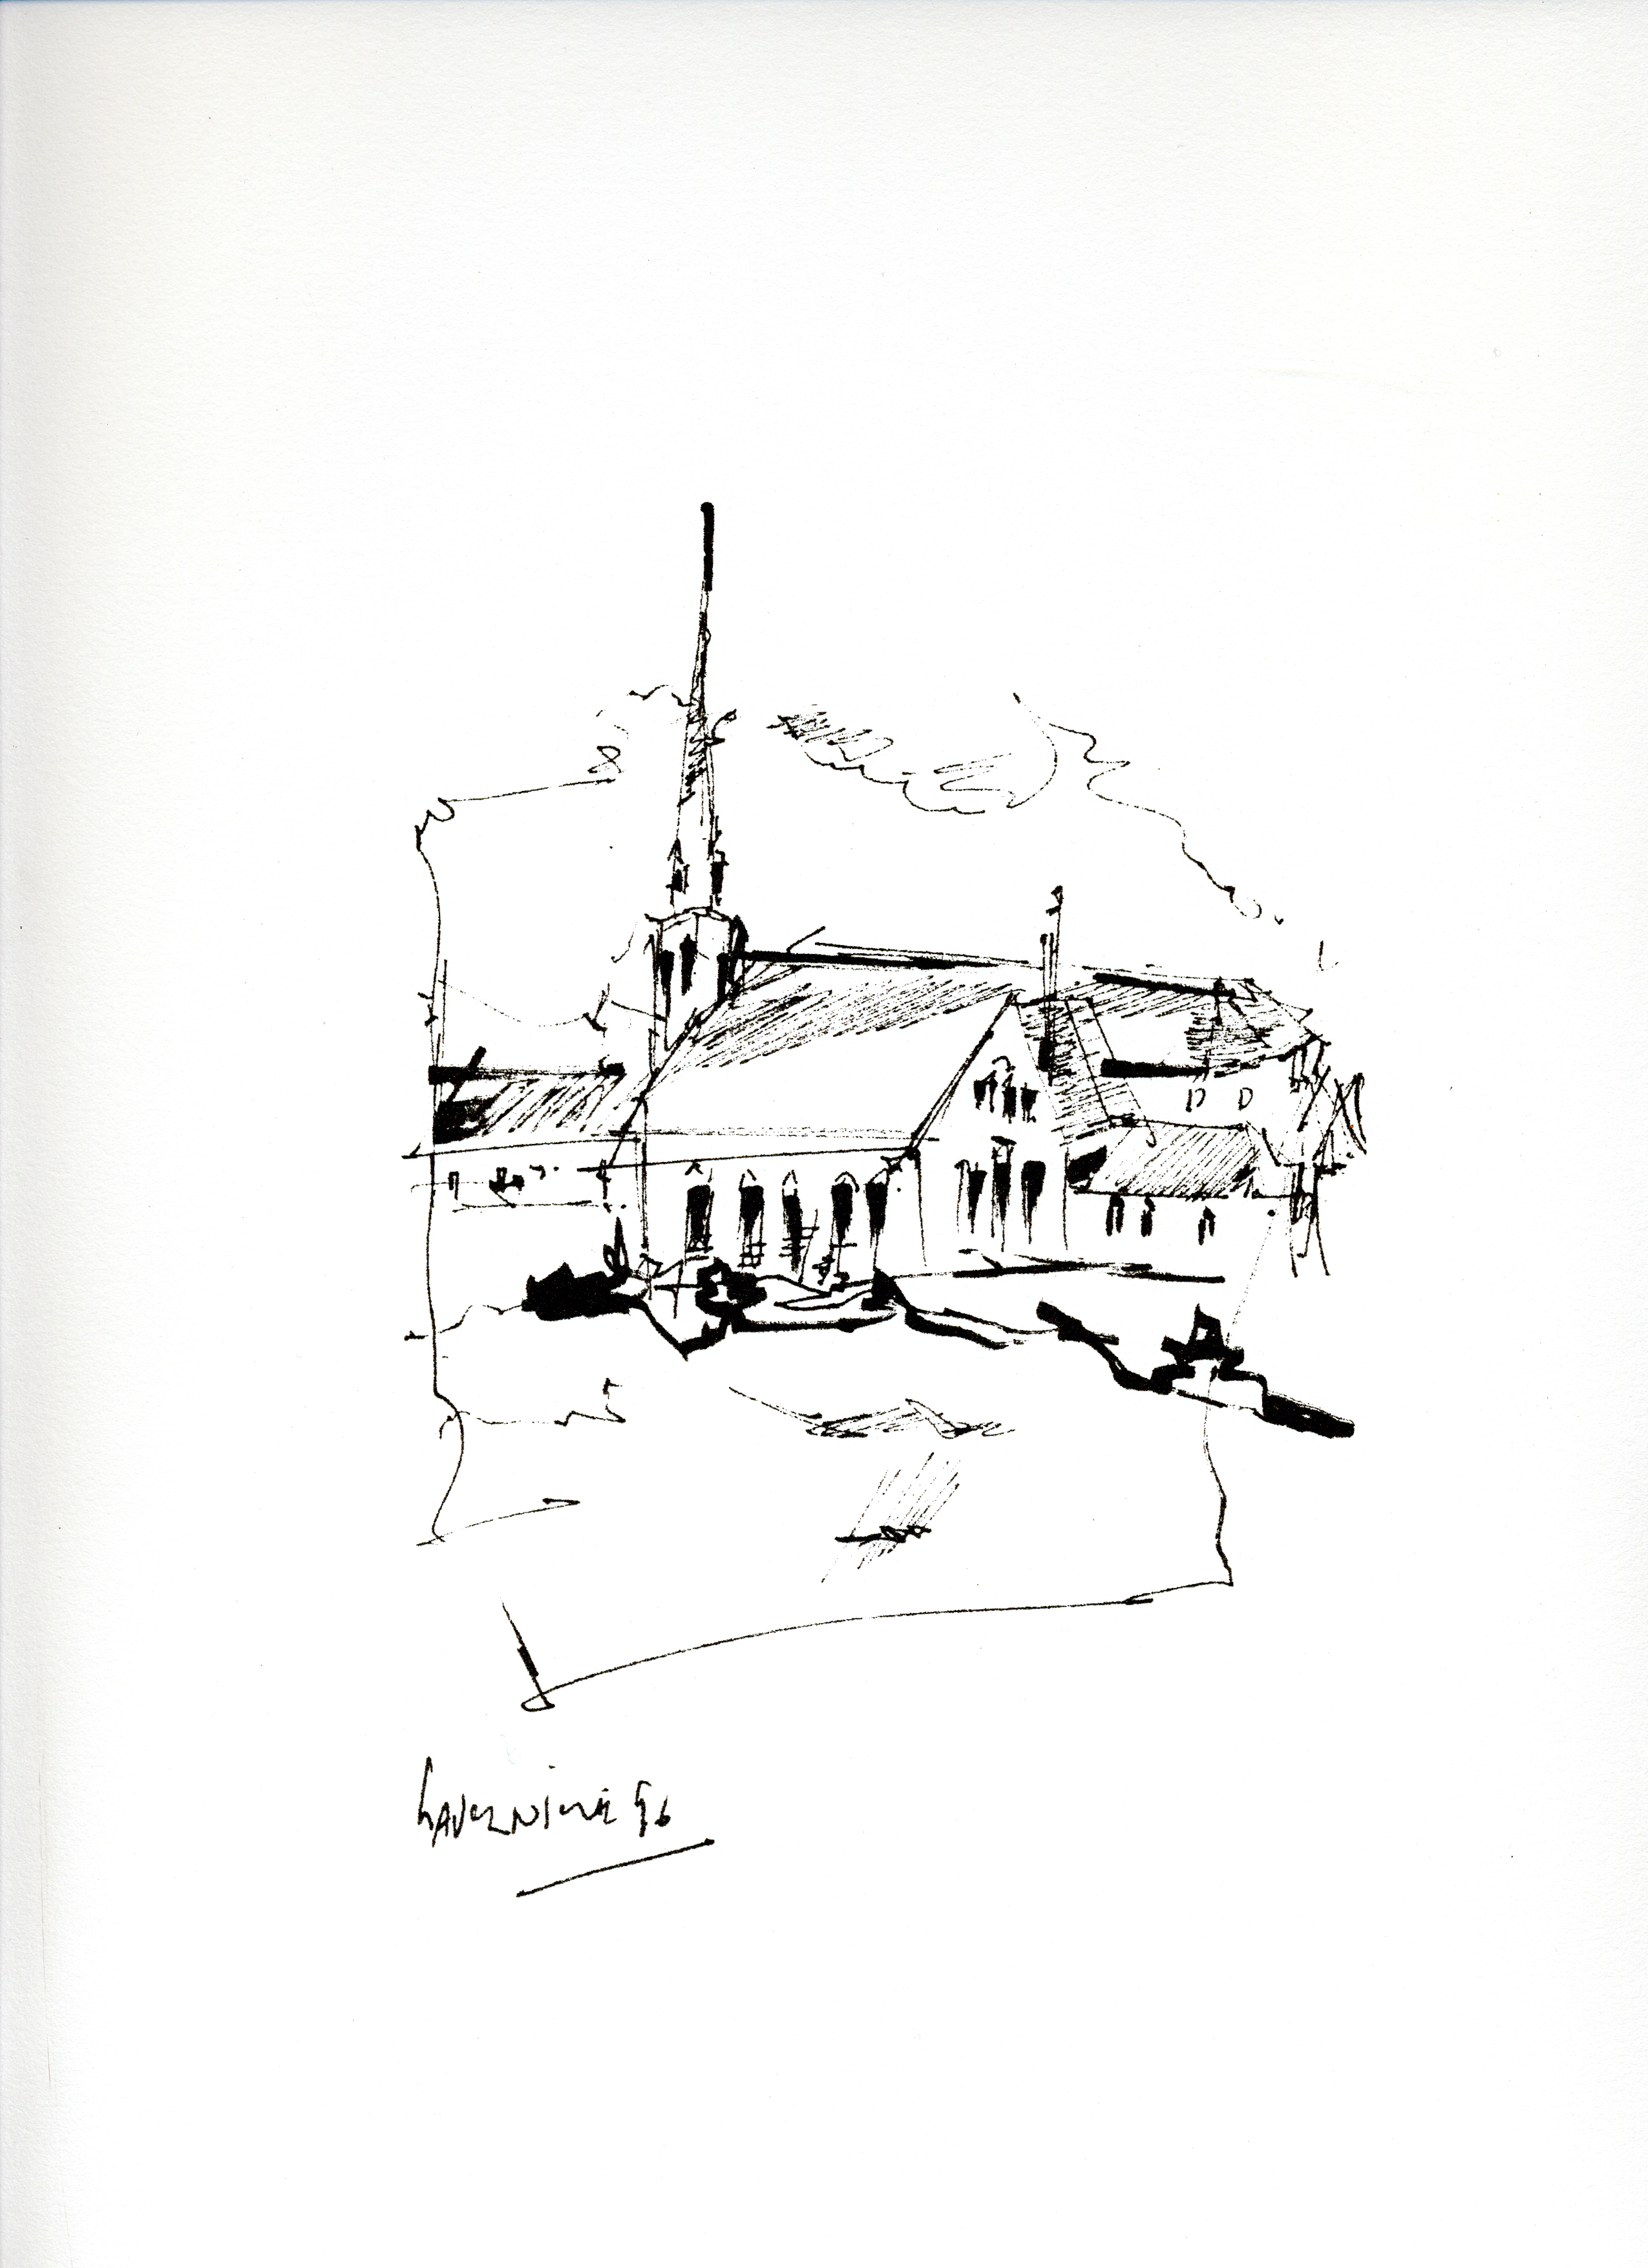 Sérigraphie de l'artiste peintre René Lemay représentant l'église de Lavernière aux îles-de-la-Madeleine.